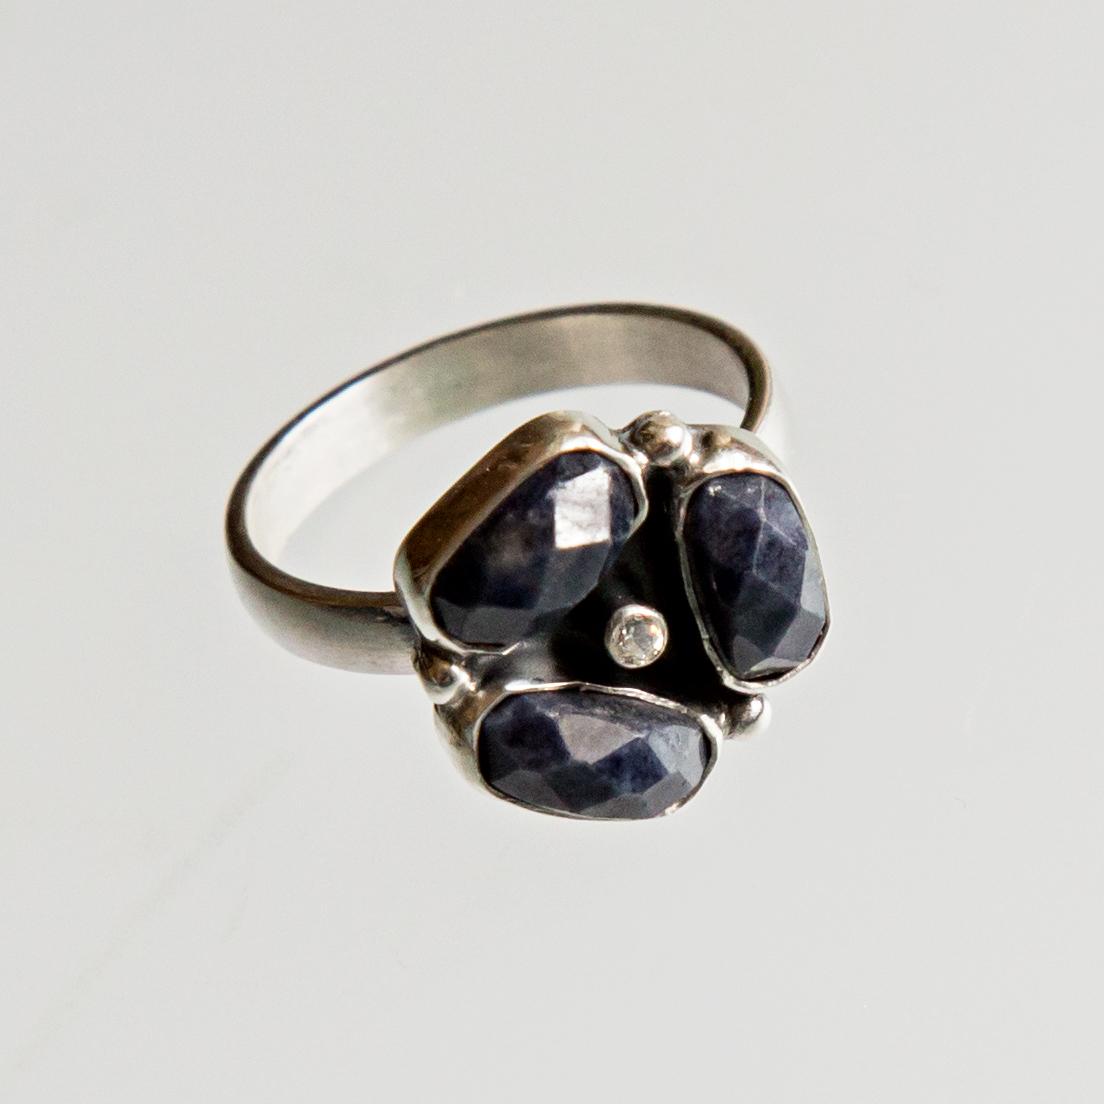 Srebrny pierścionek potrójny z kamieniami naturalnymi i cyrkonią